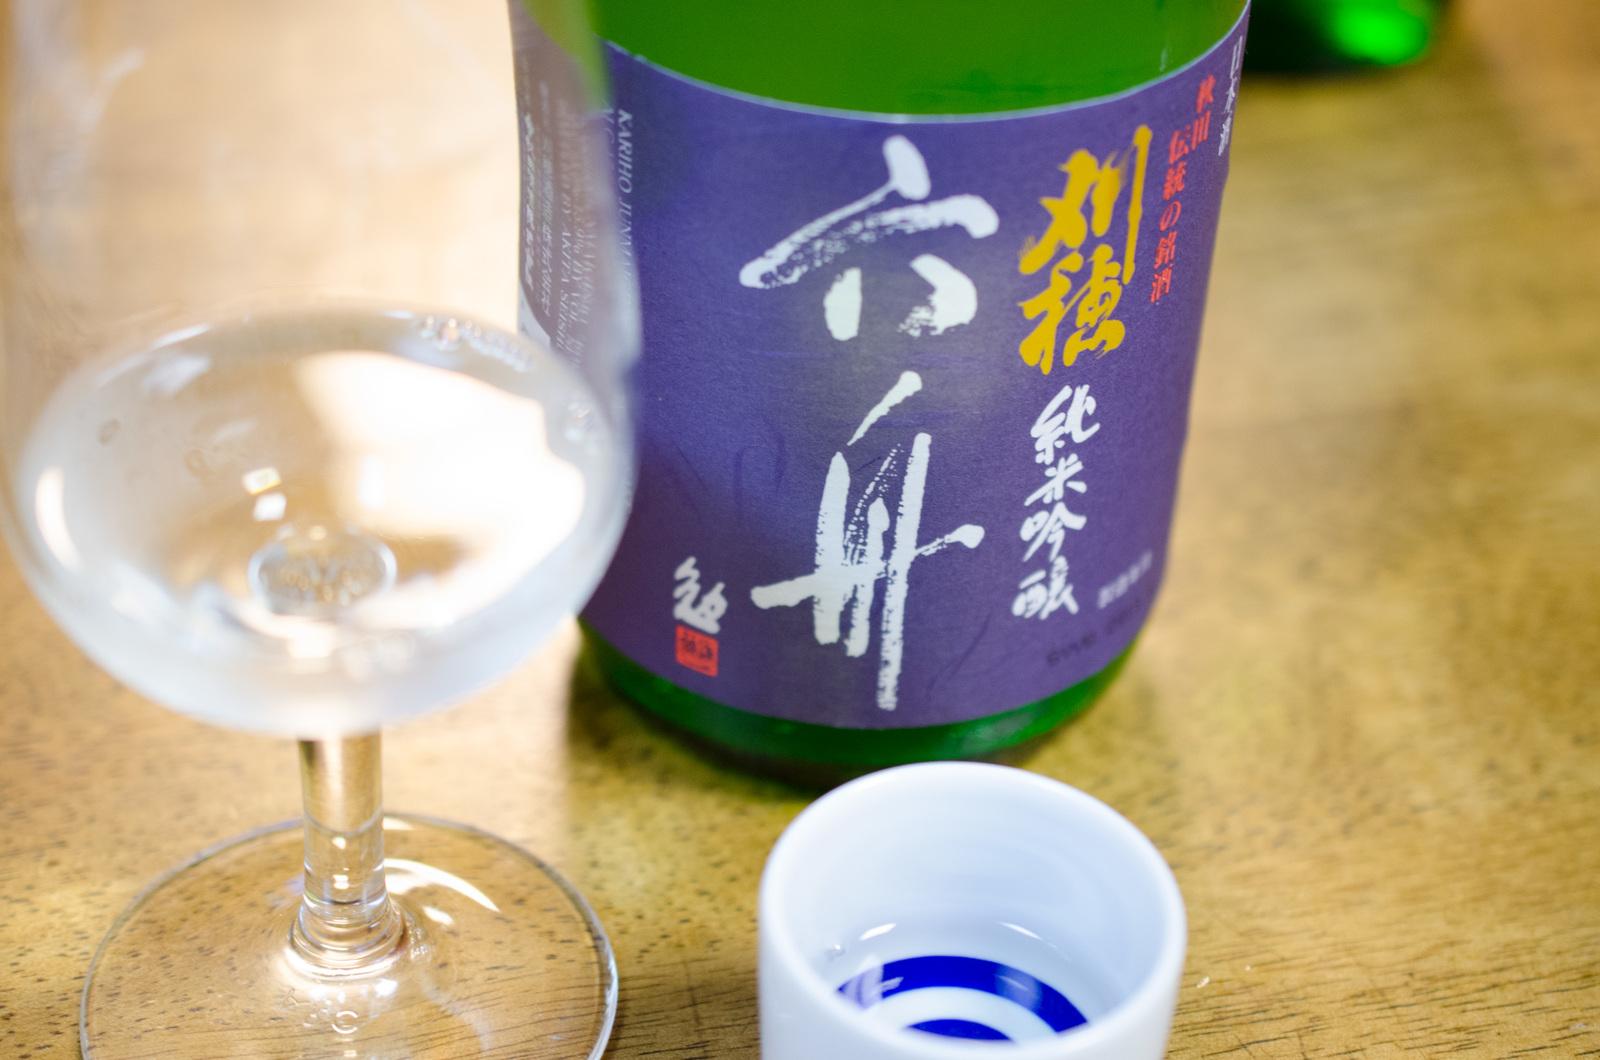 秋田清酒 刈穂 純米吟醸 六舟